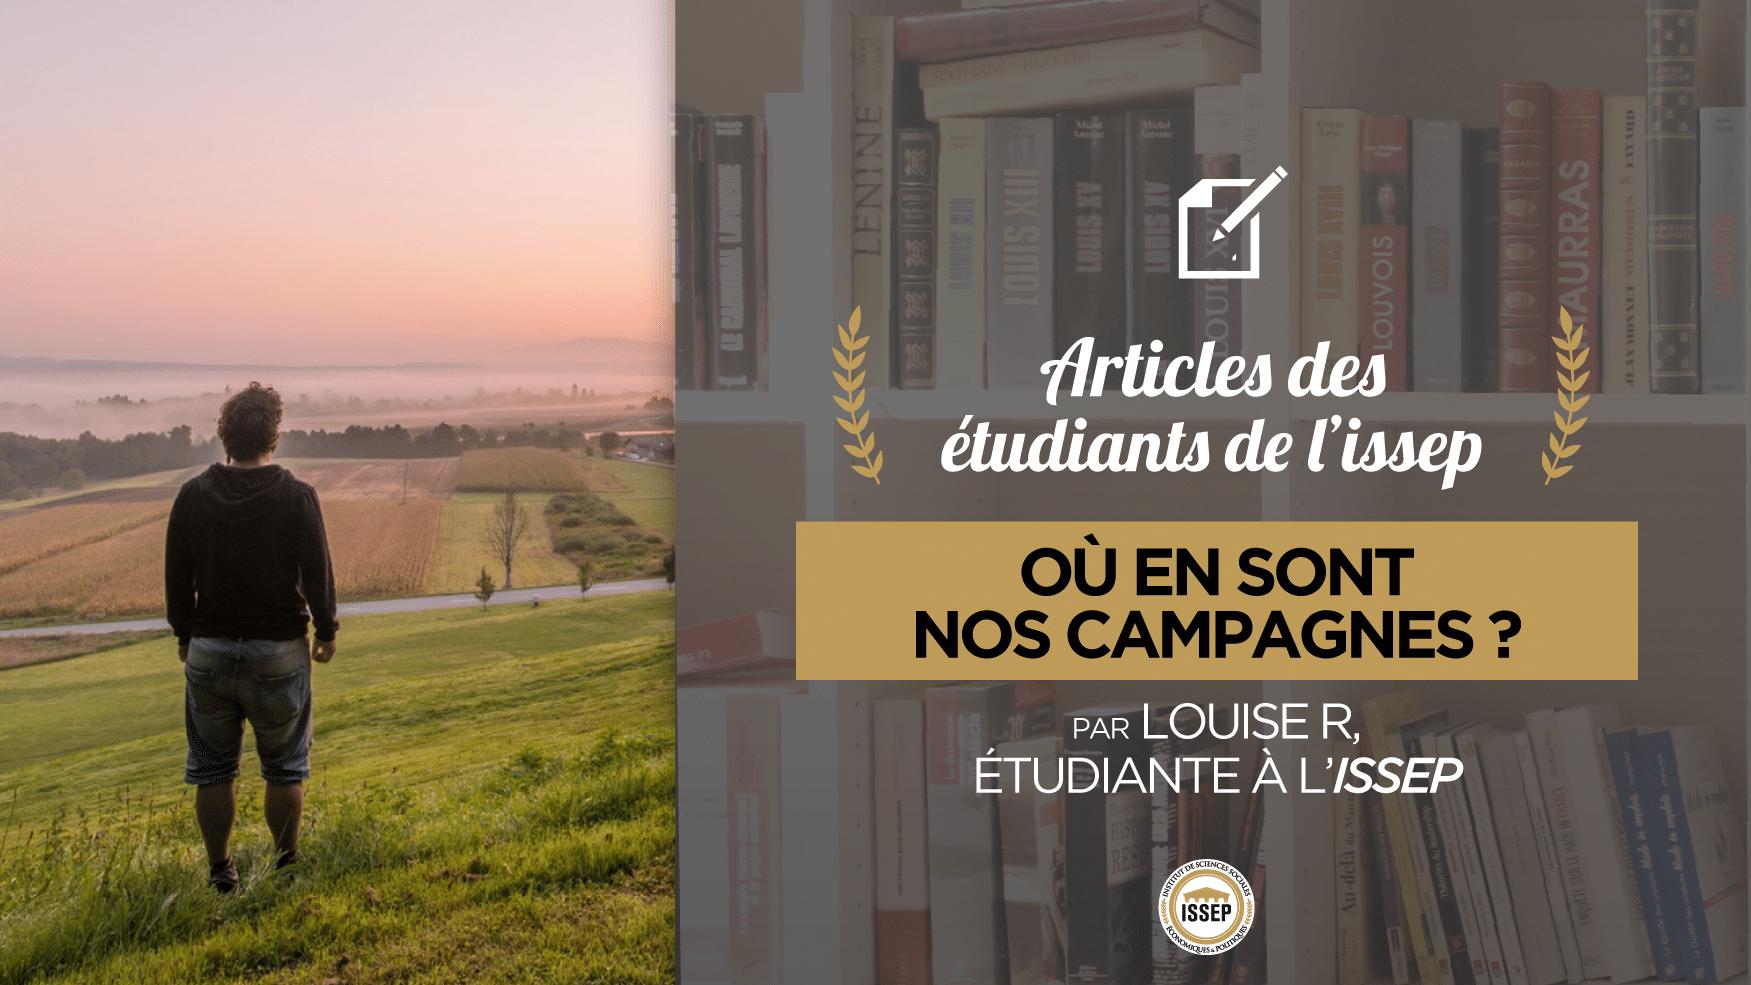 Articles des étudiants : où en sont nos campagnes ?, par Louise R, étudiante en Bac+4 à l'ISSEP